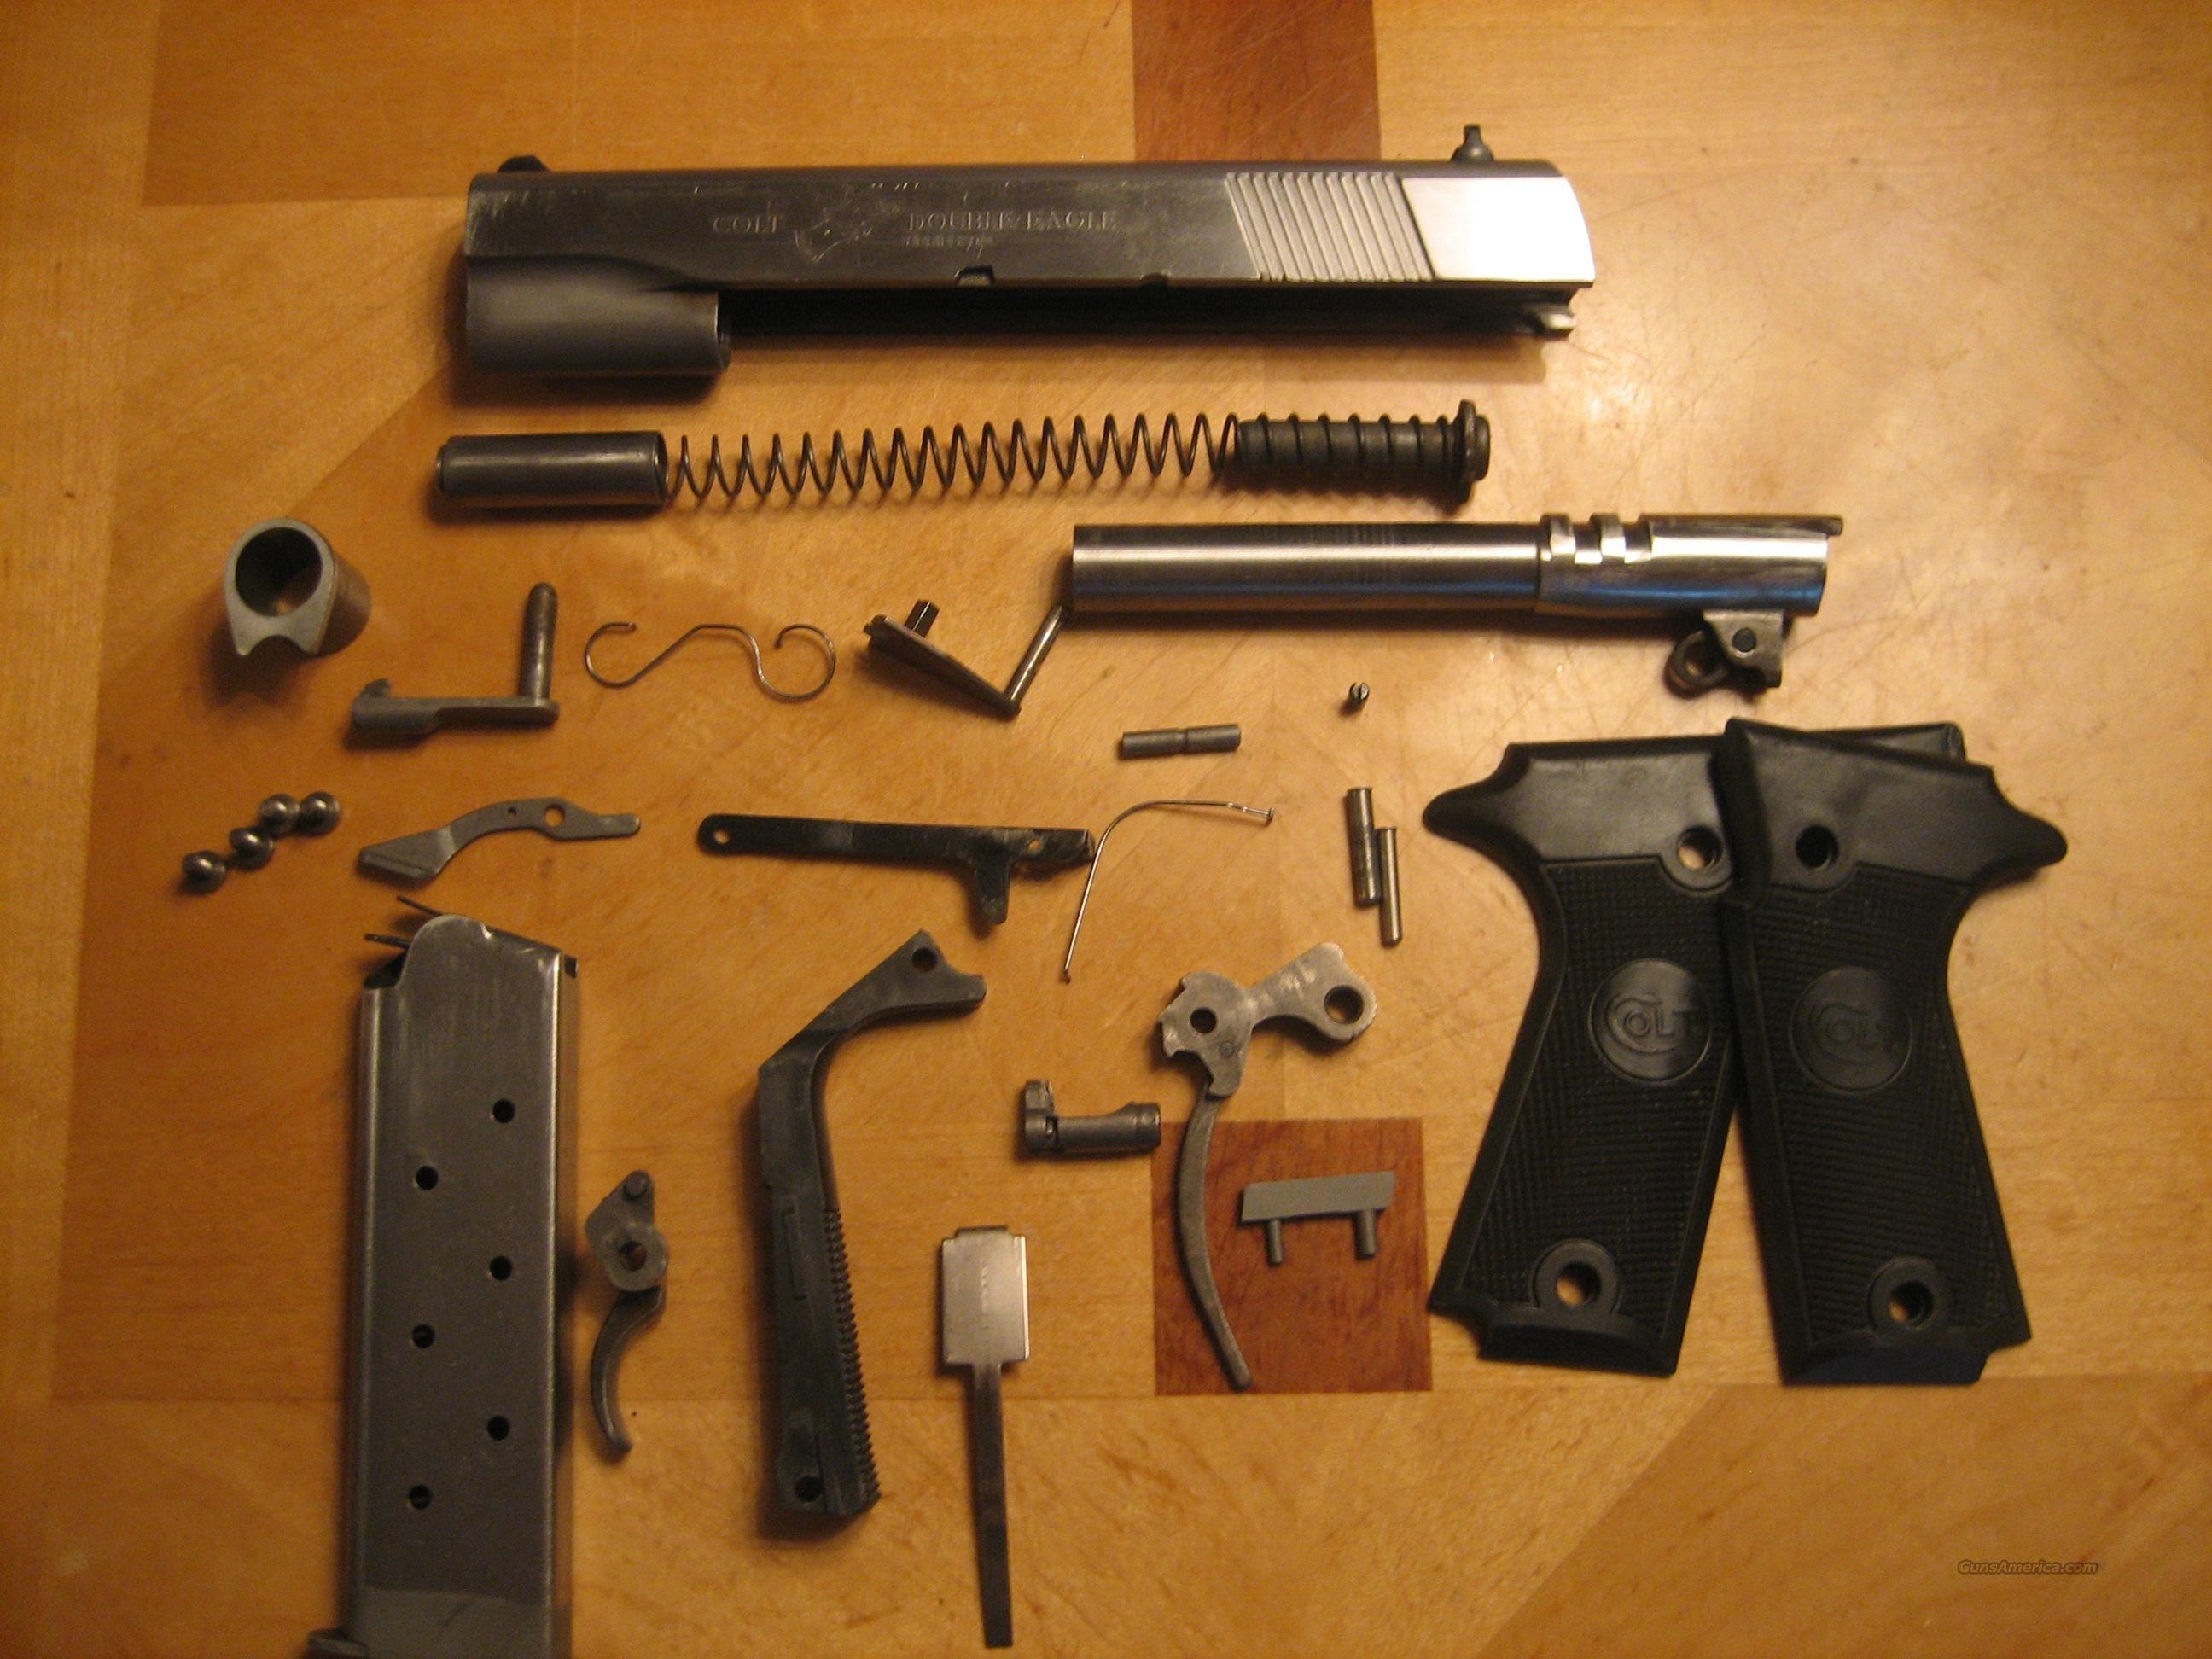 Colt Double Eagle Series 90 45acp Parts For Sale